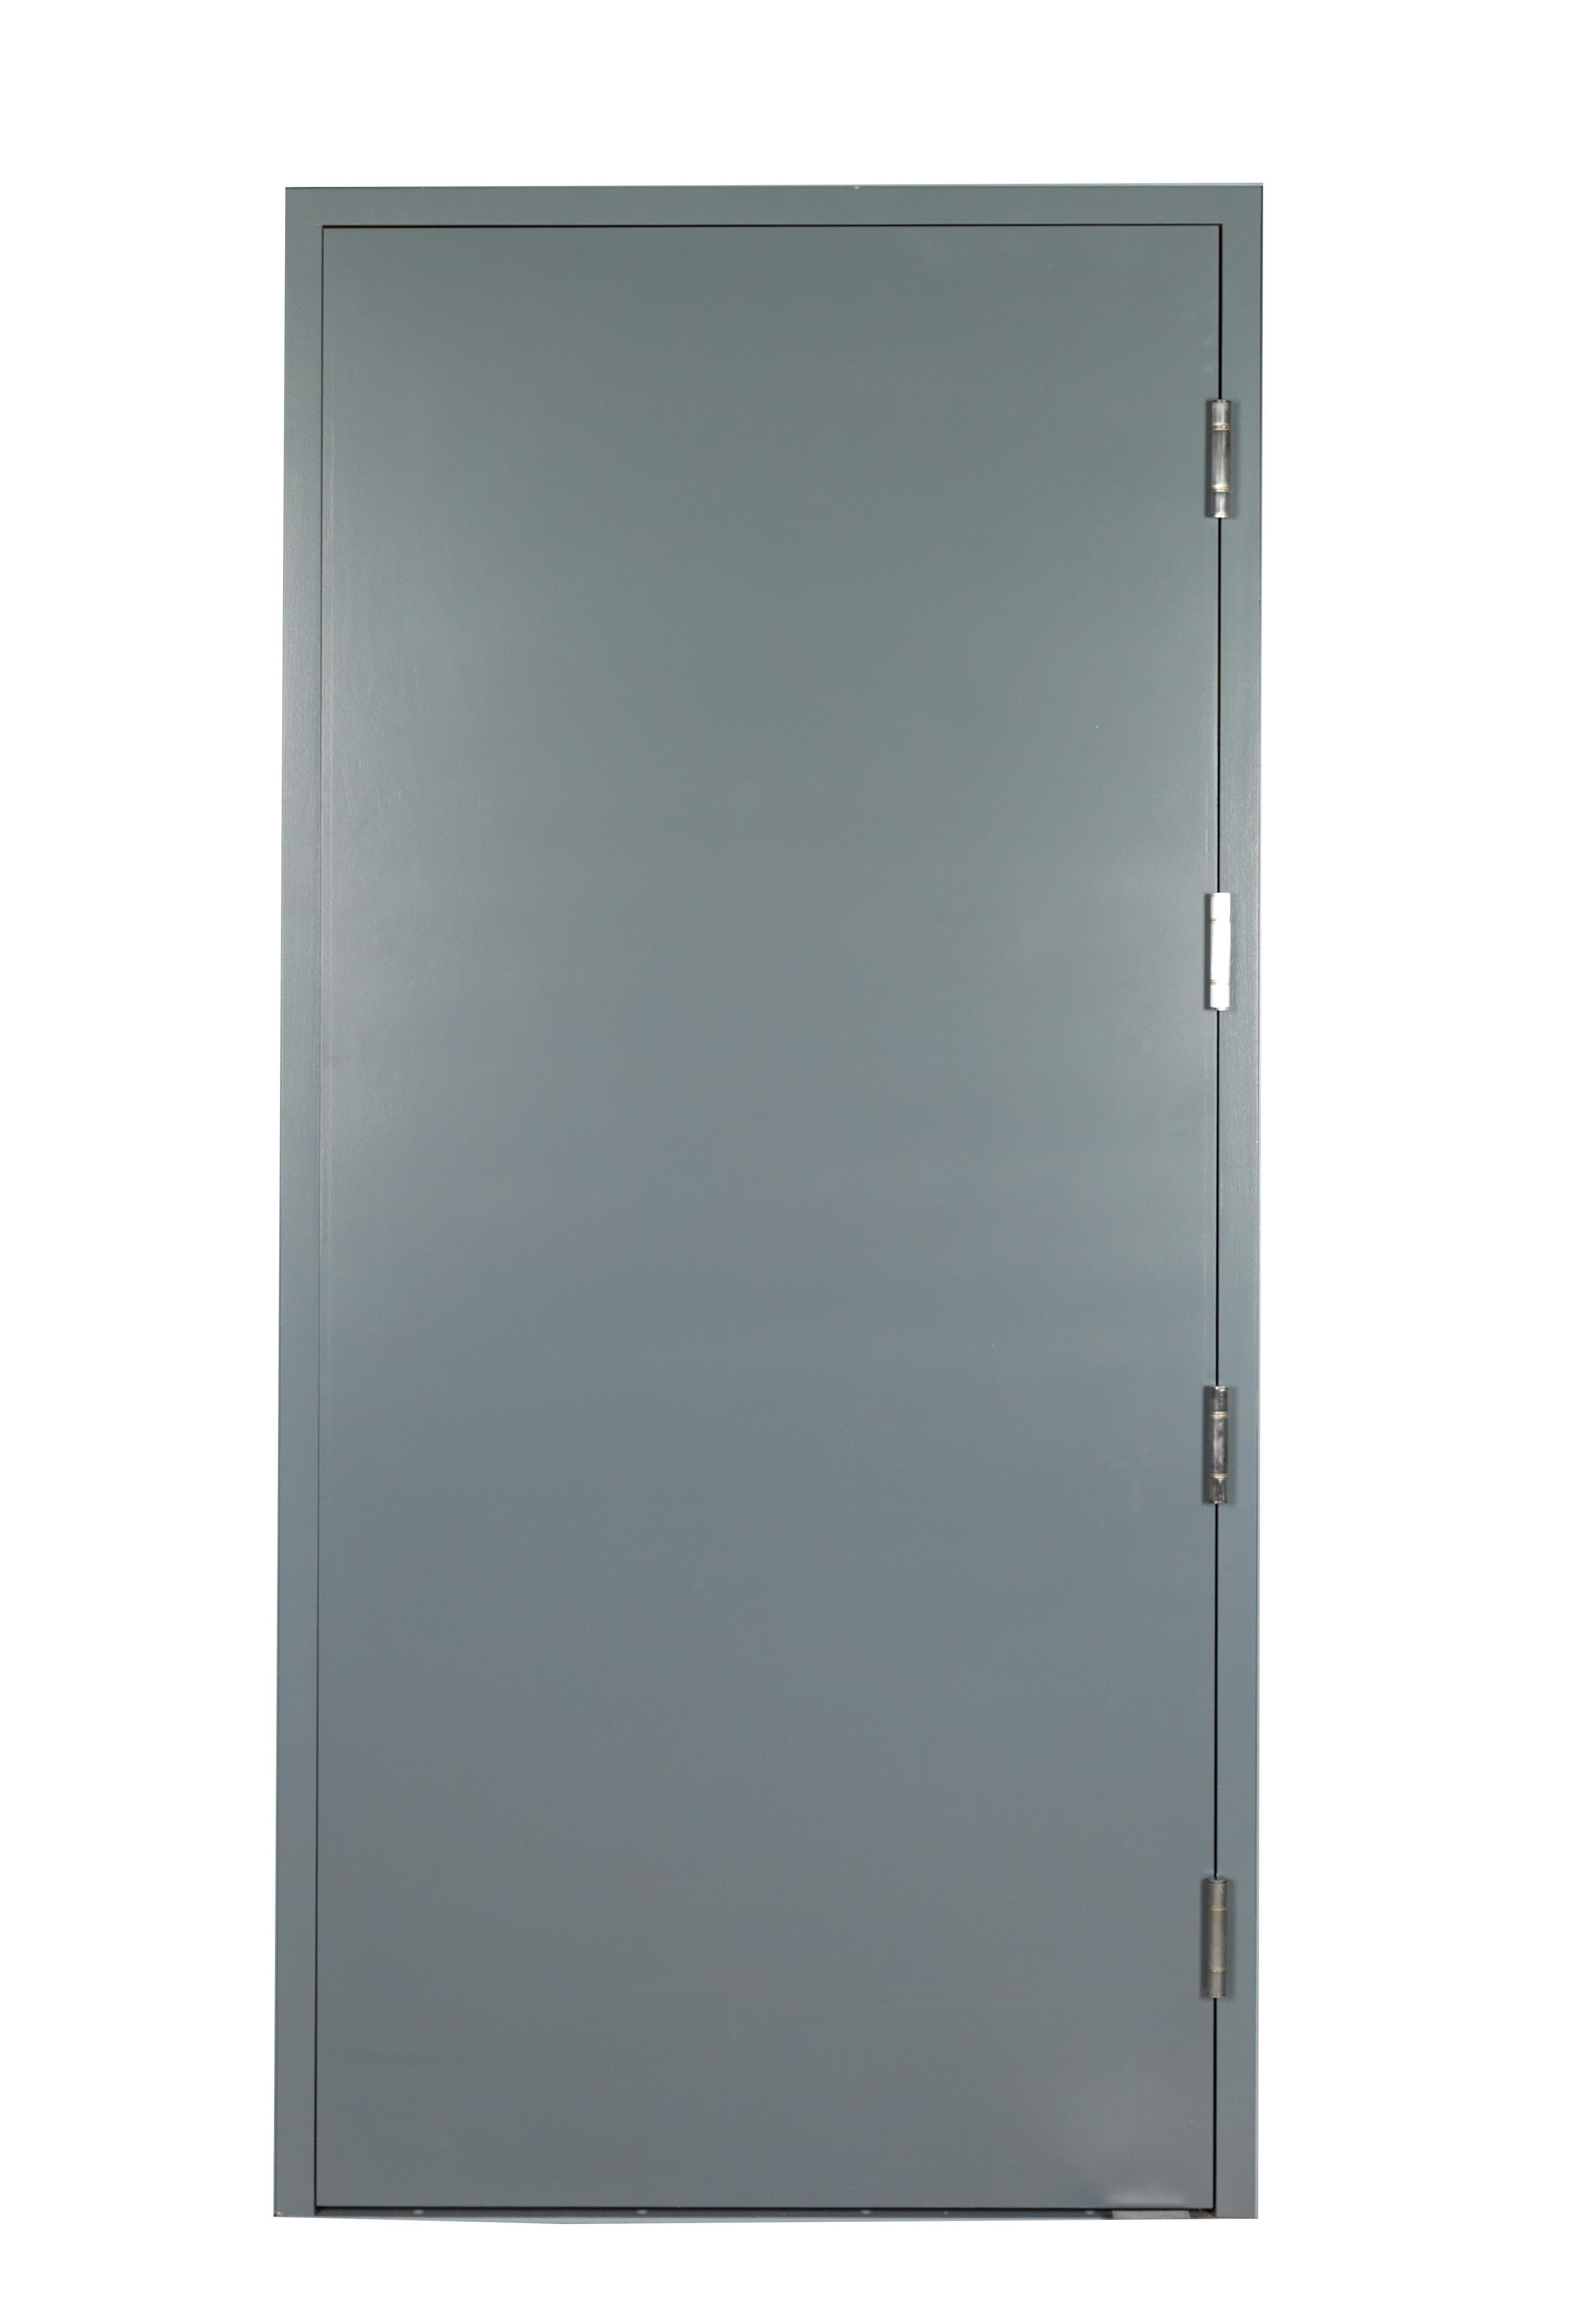 Lagan - Personnel Security Doorset